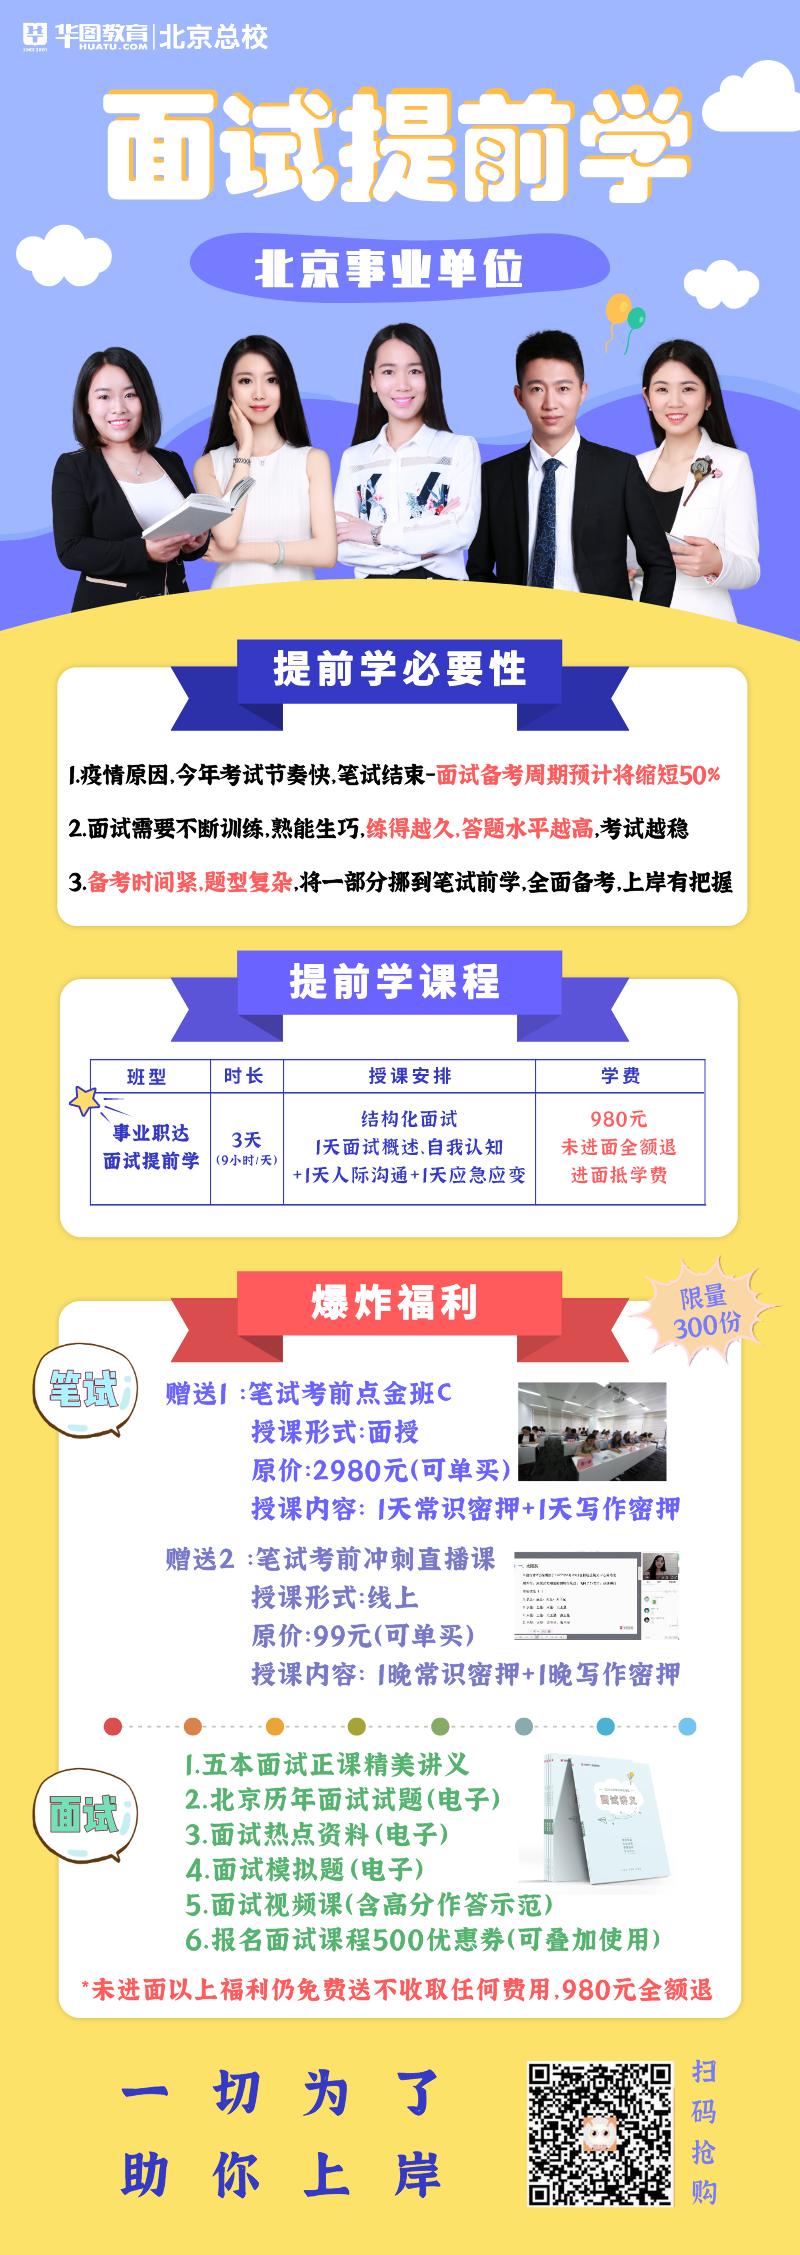 2020下半年北京事业单位笔试估分入口